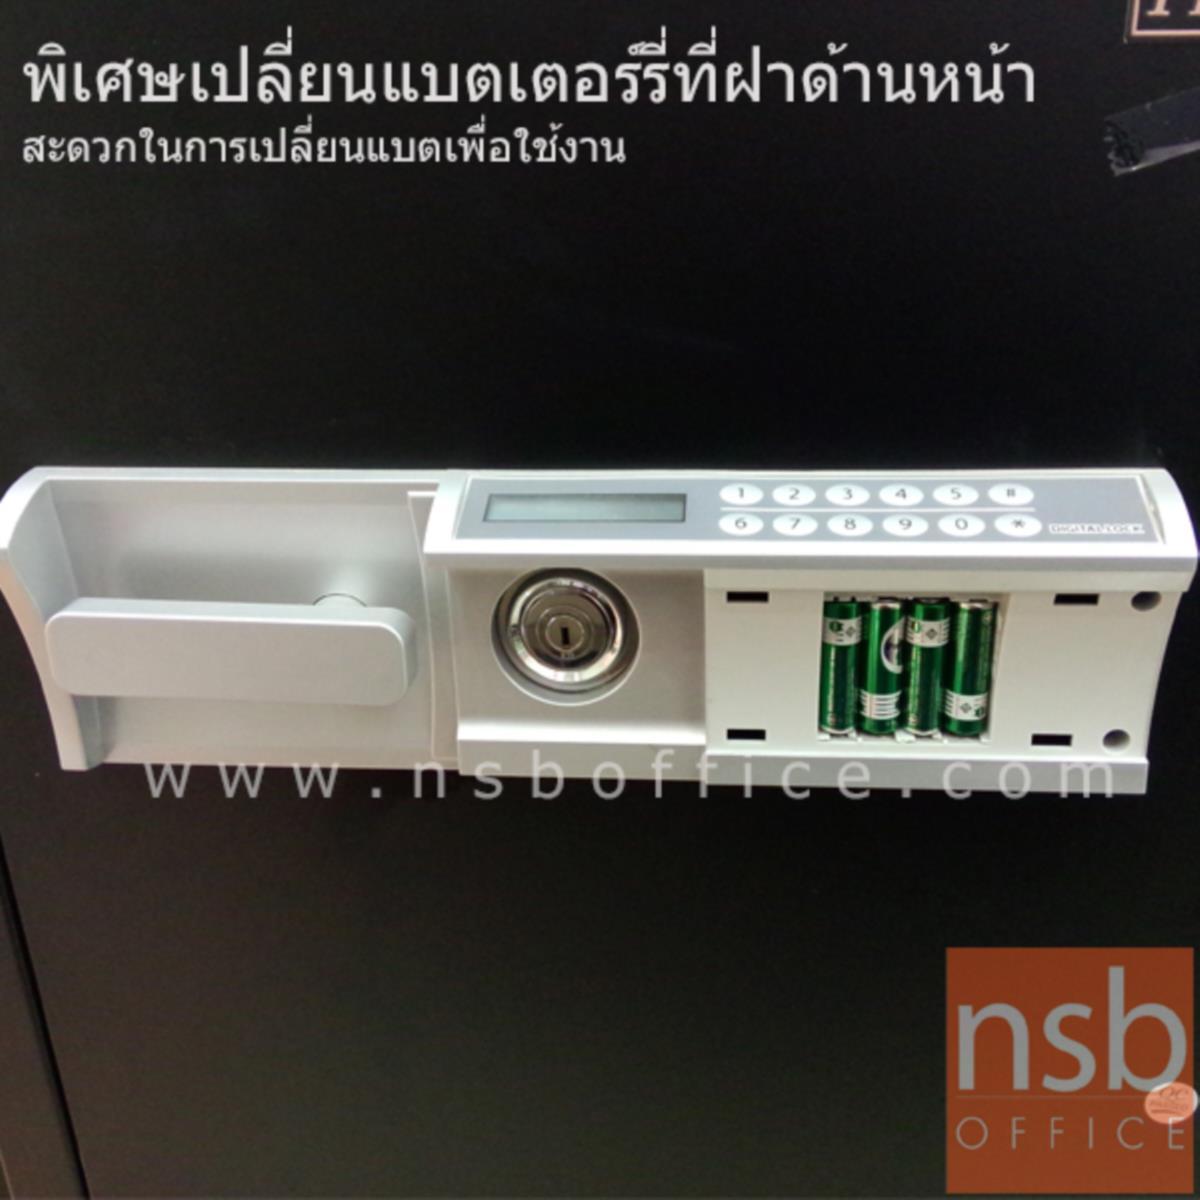 ตู้เซฟดิจิตอล 250 กก.  รุ่น PRESIDENT-SB50D2  มี 1 กุญแจ 1 รหัส (รหัสใช้กดหน้าตู้)